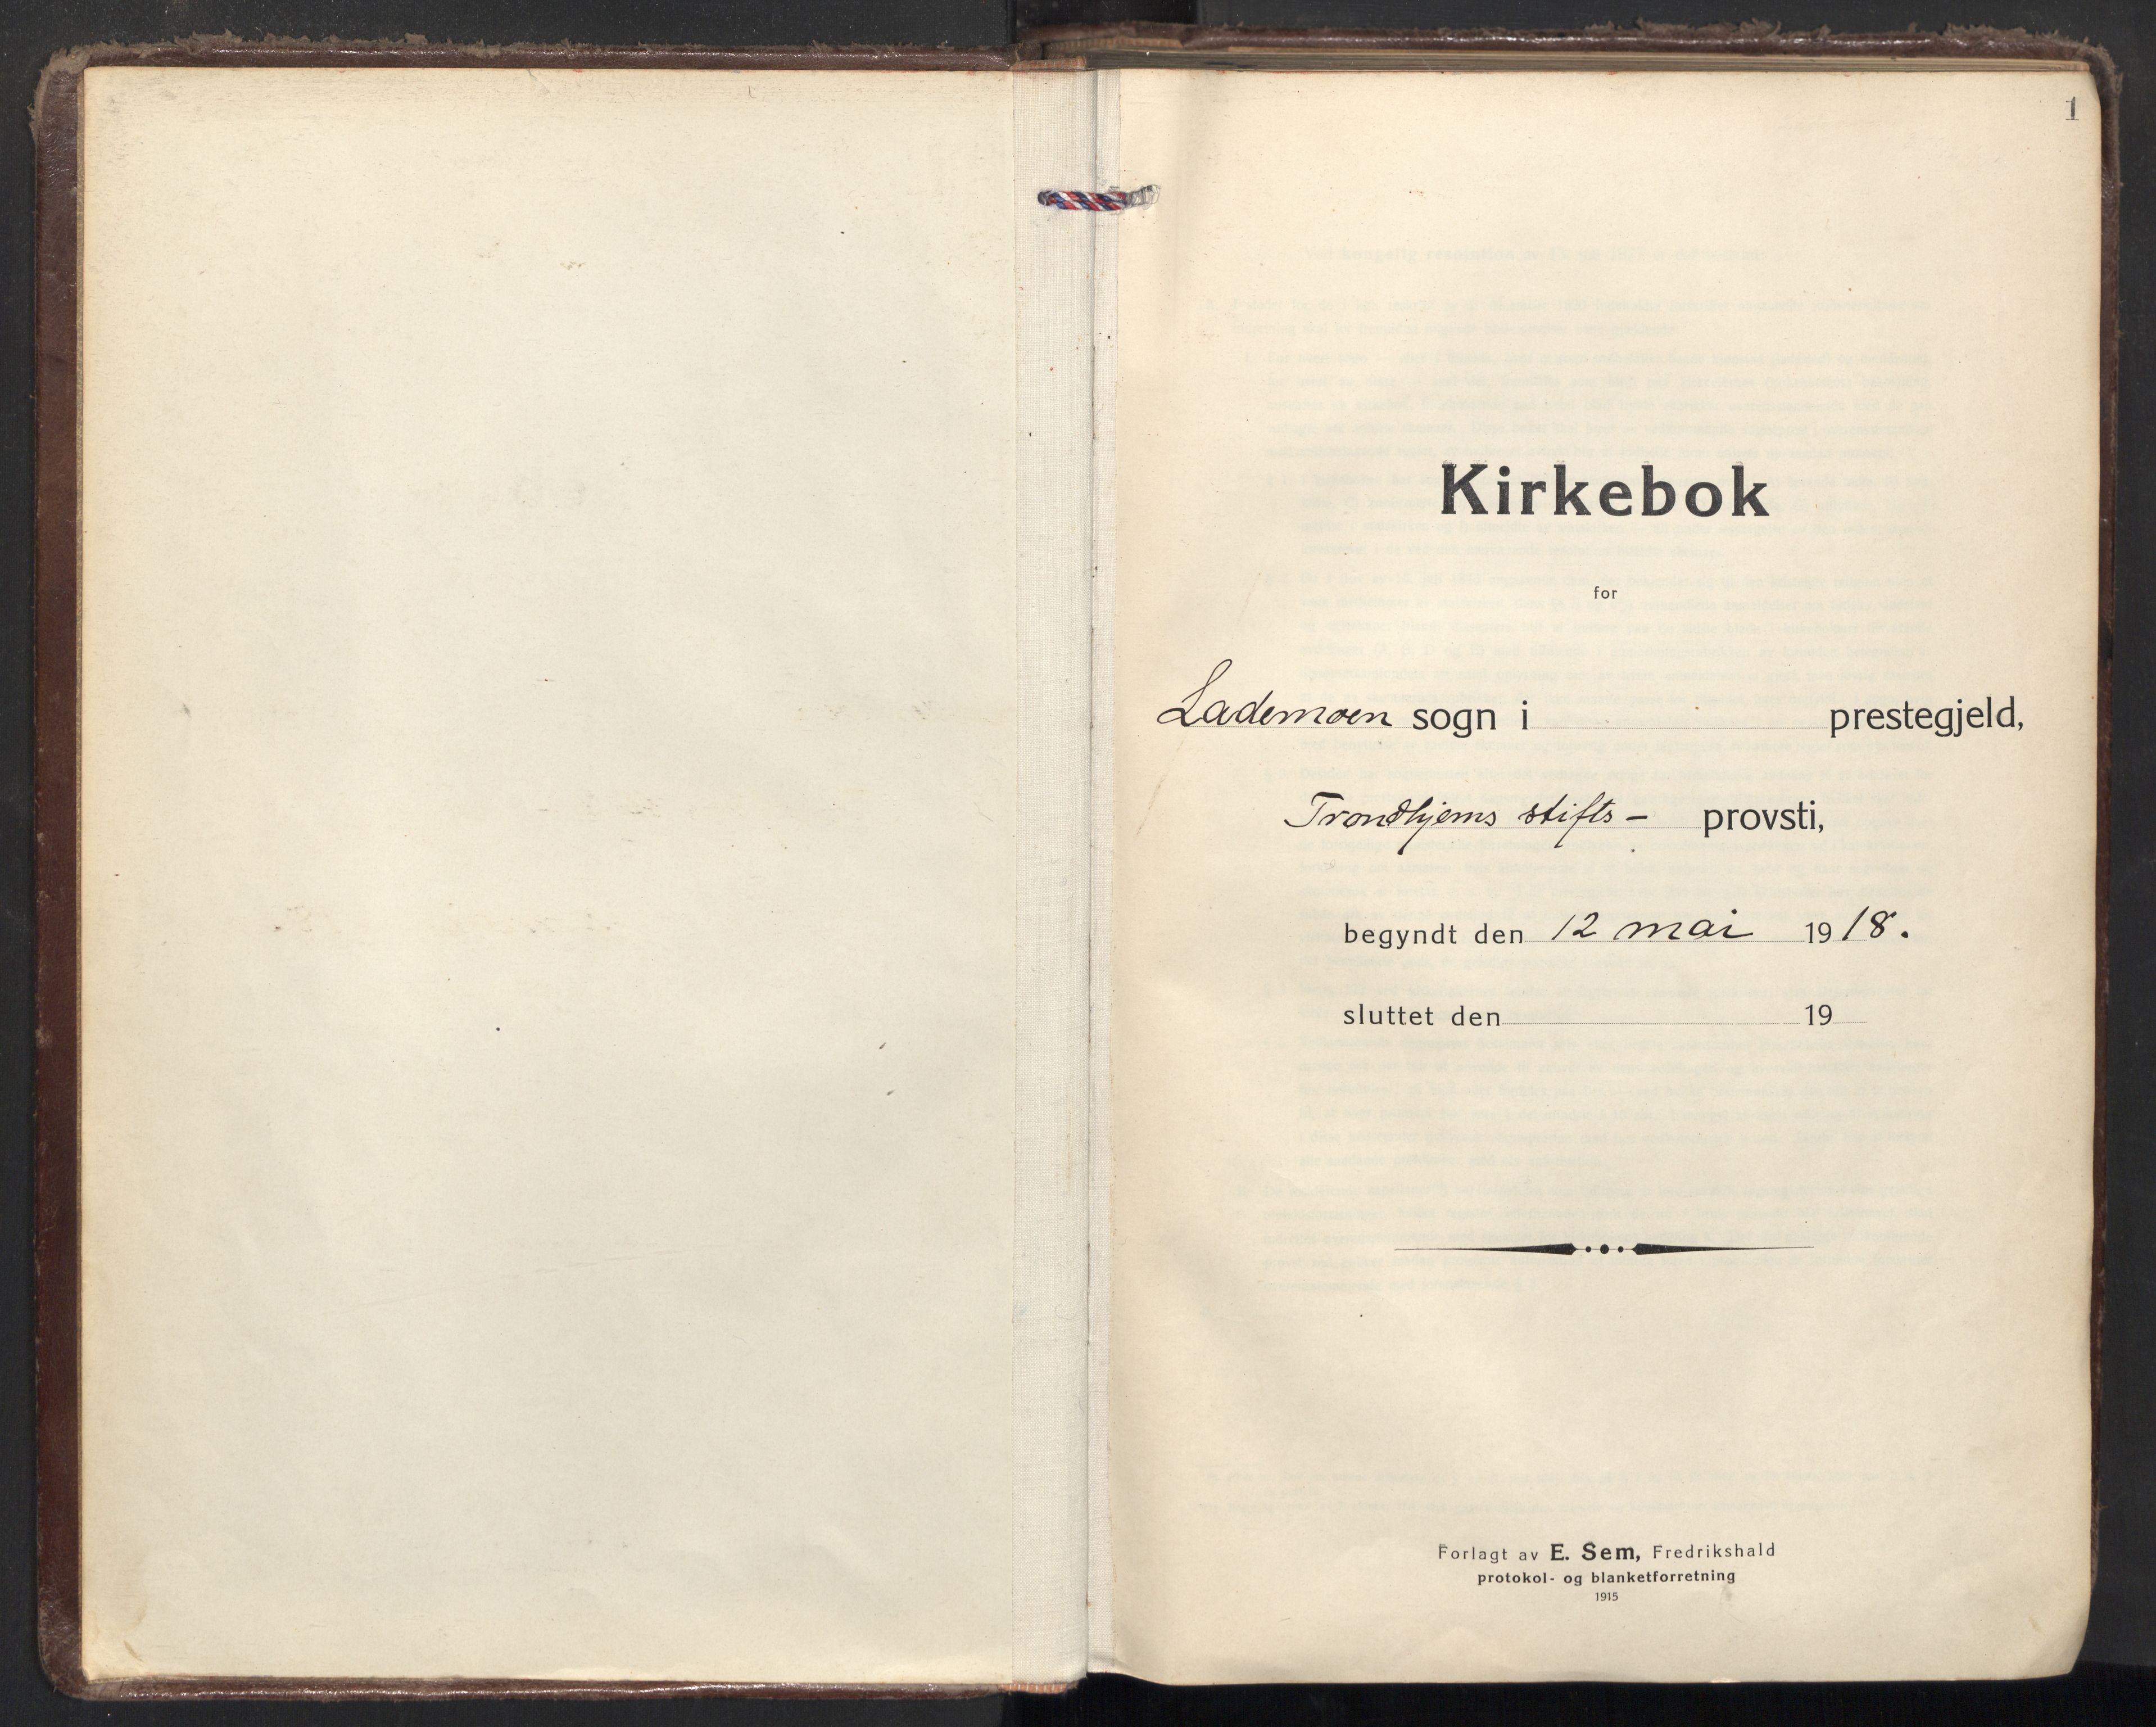 SAT, Ministerialprotokoller, klokkerbøker og fødselsregistre - Sør-Trøndelag, 605/L0247: Ministerialbok nr. 605A09, 1918-1930, s. 1